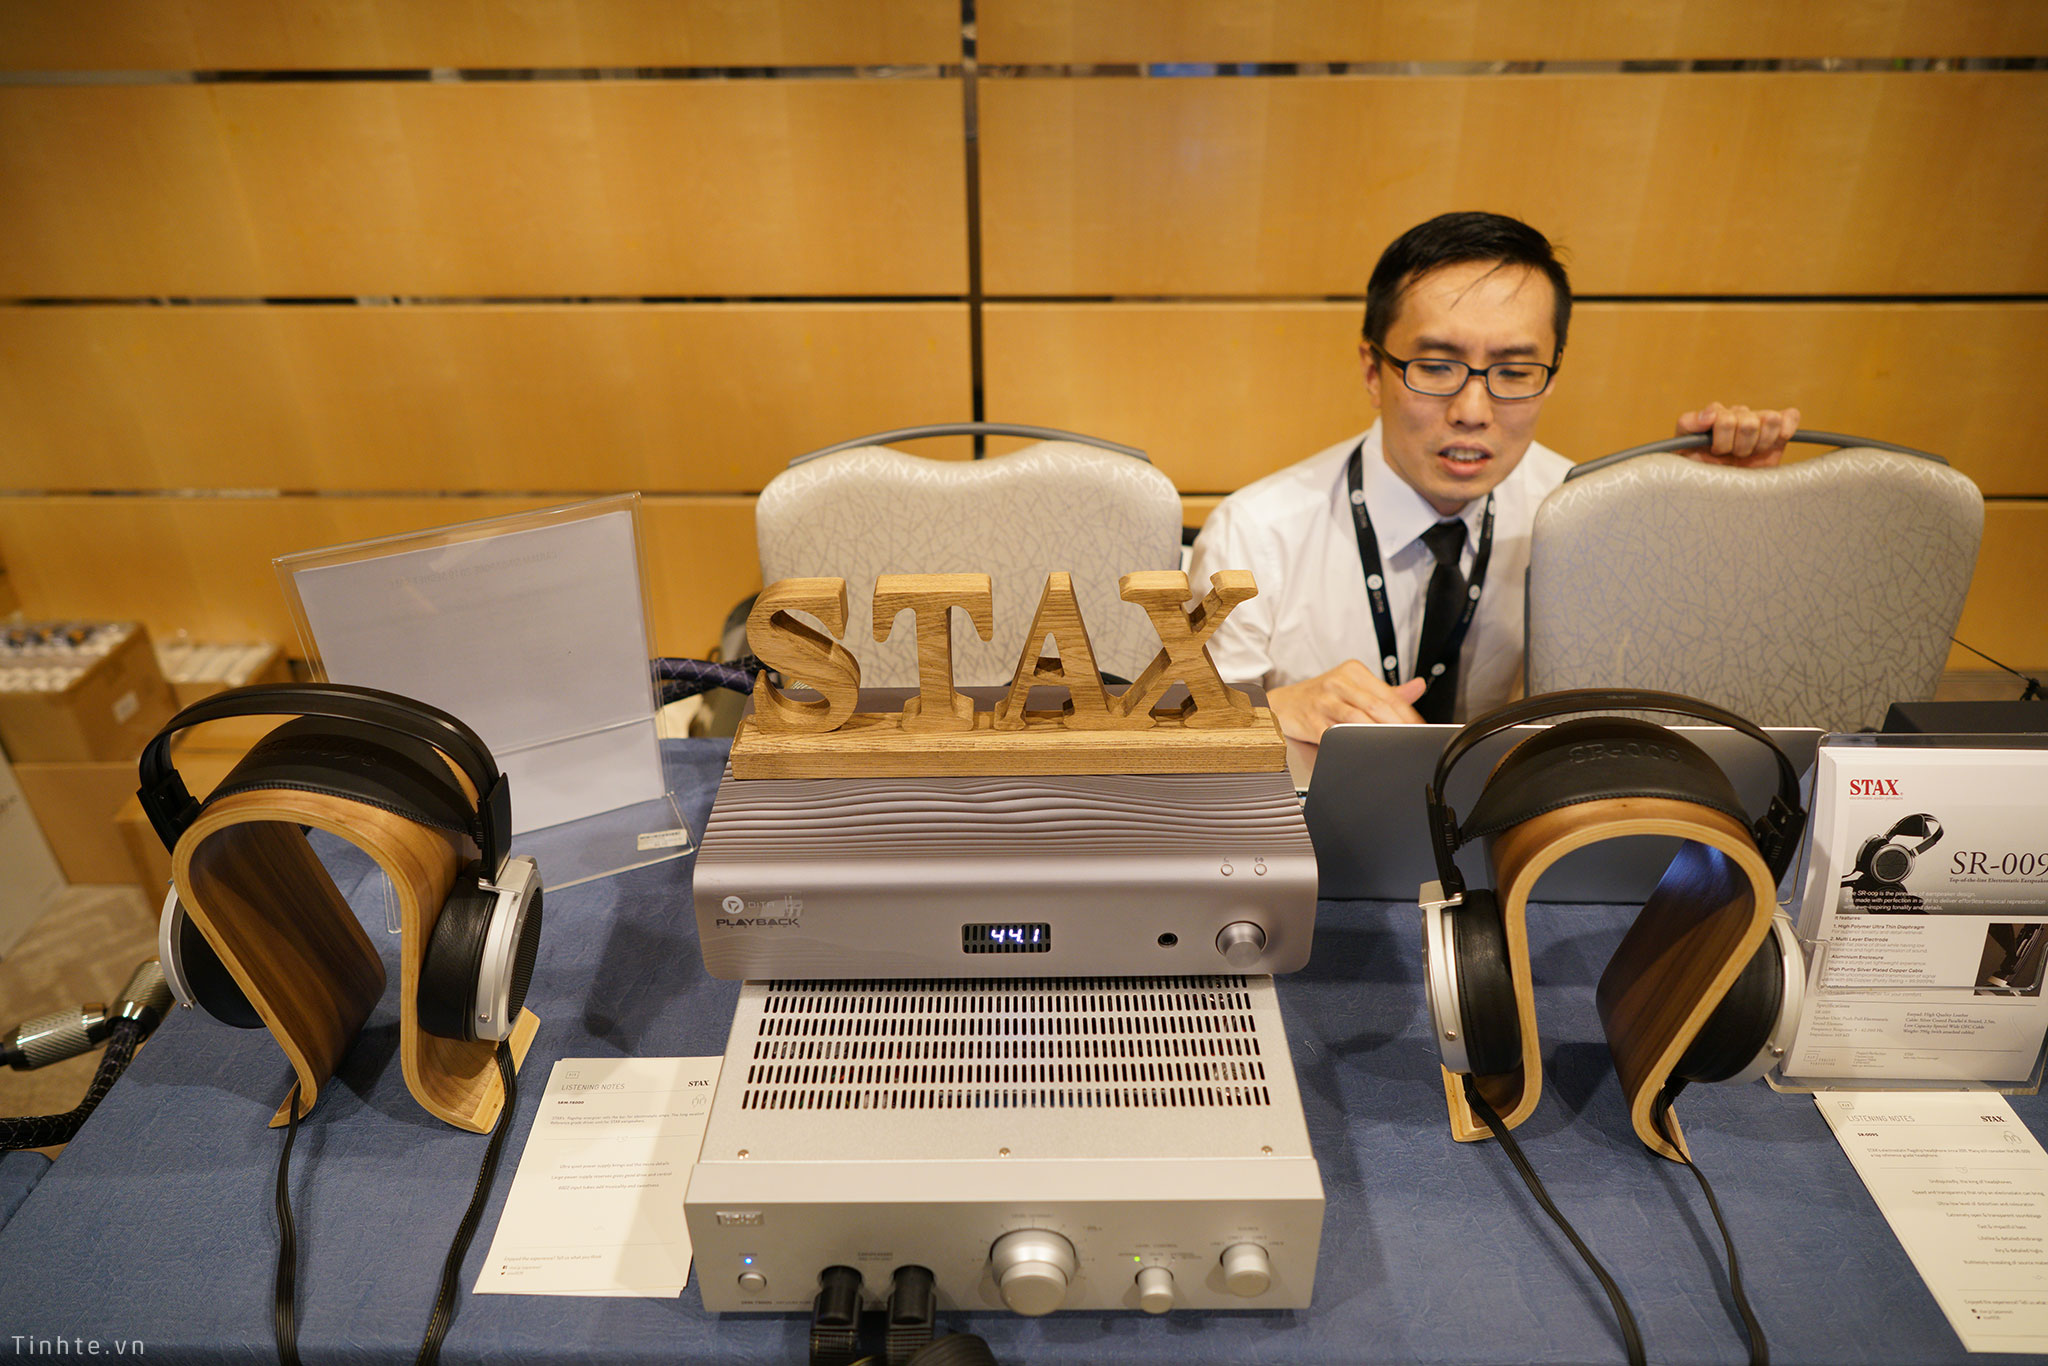 audio_tinhte_canjam_singapore_2019_188.jpg